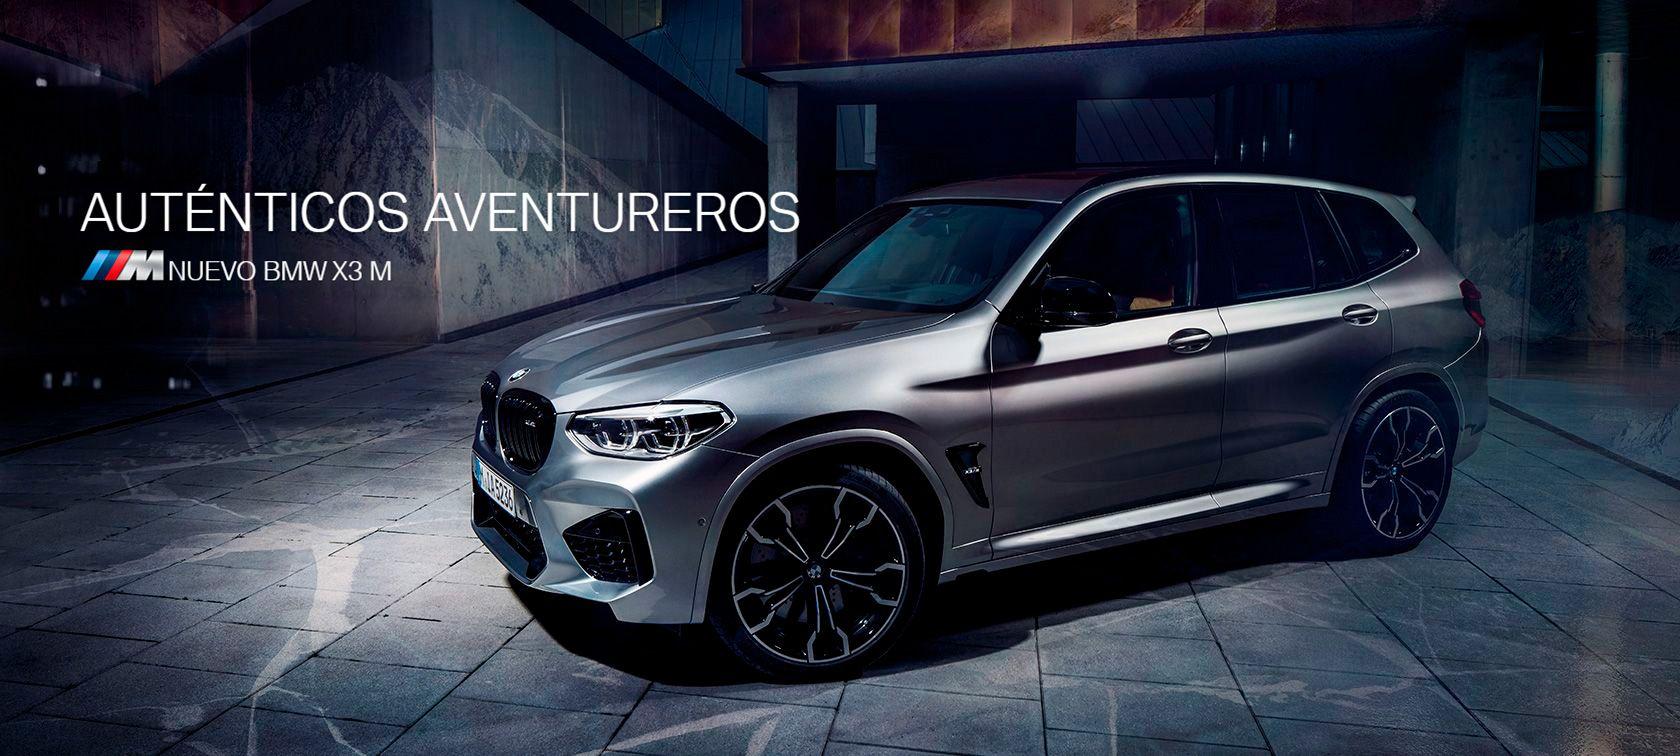 NUEVO BMW X3 M.